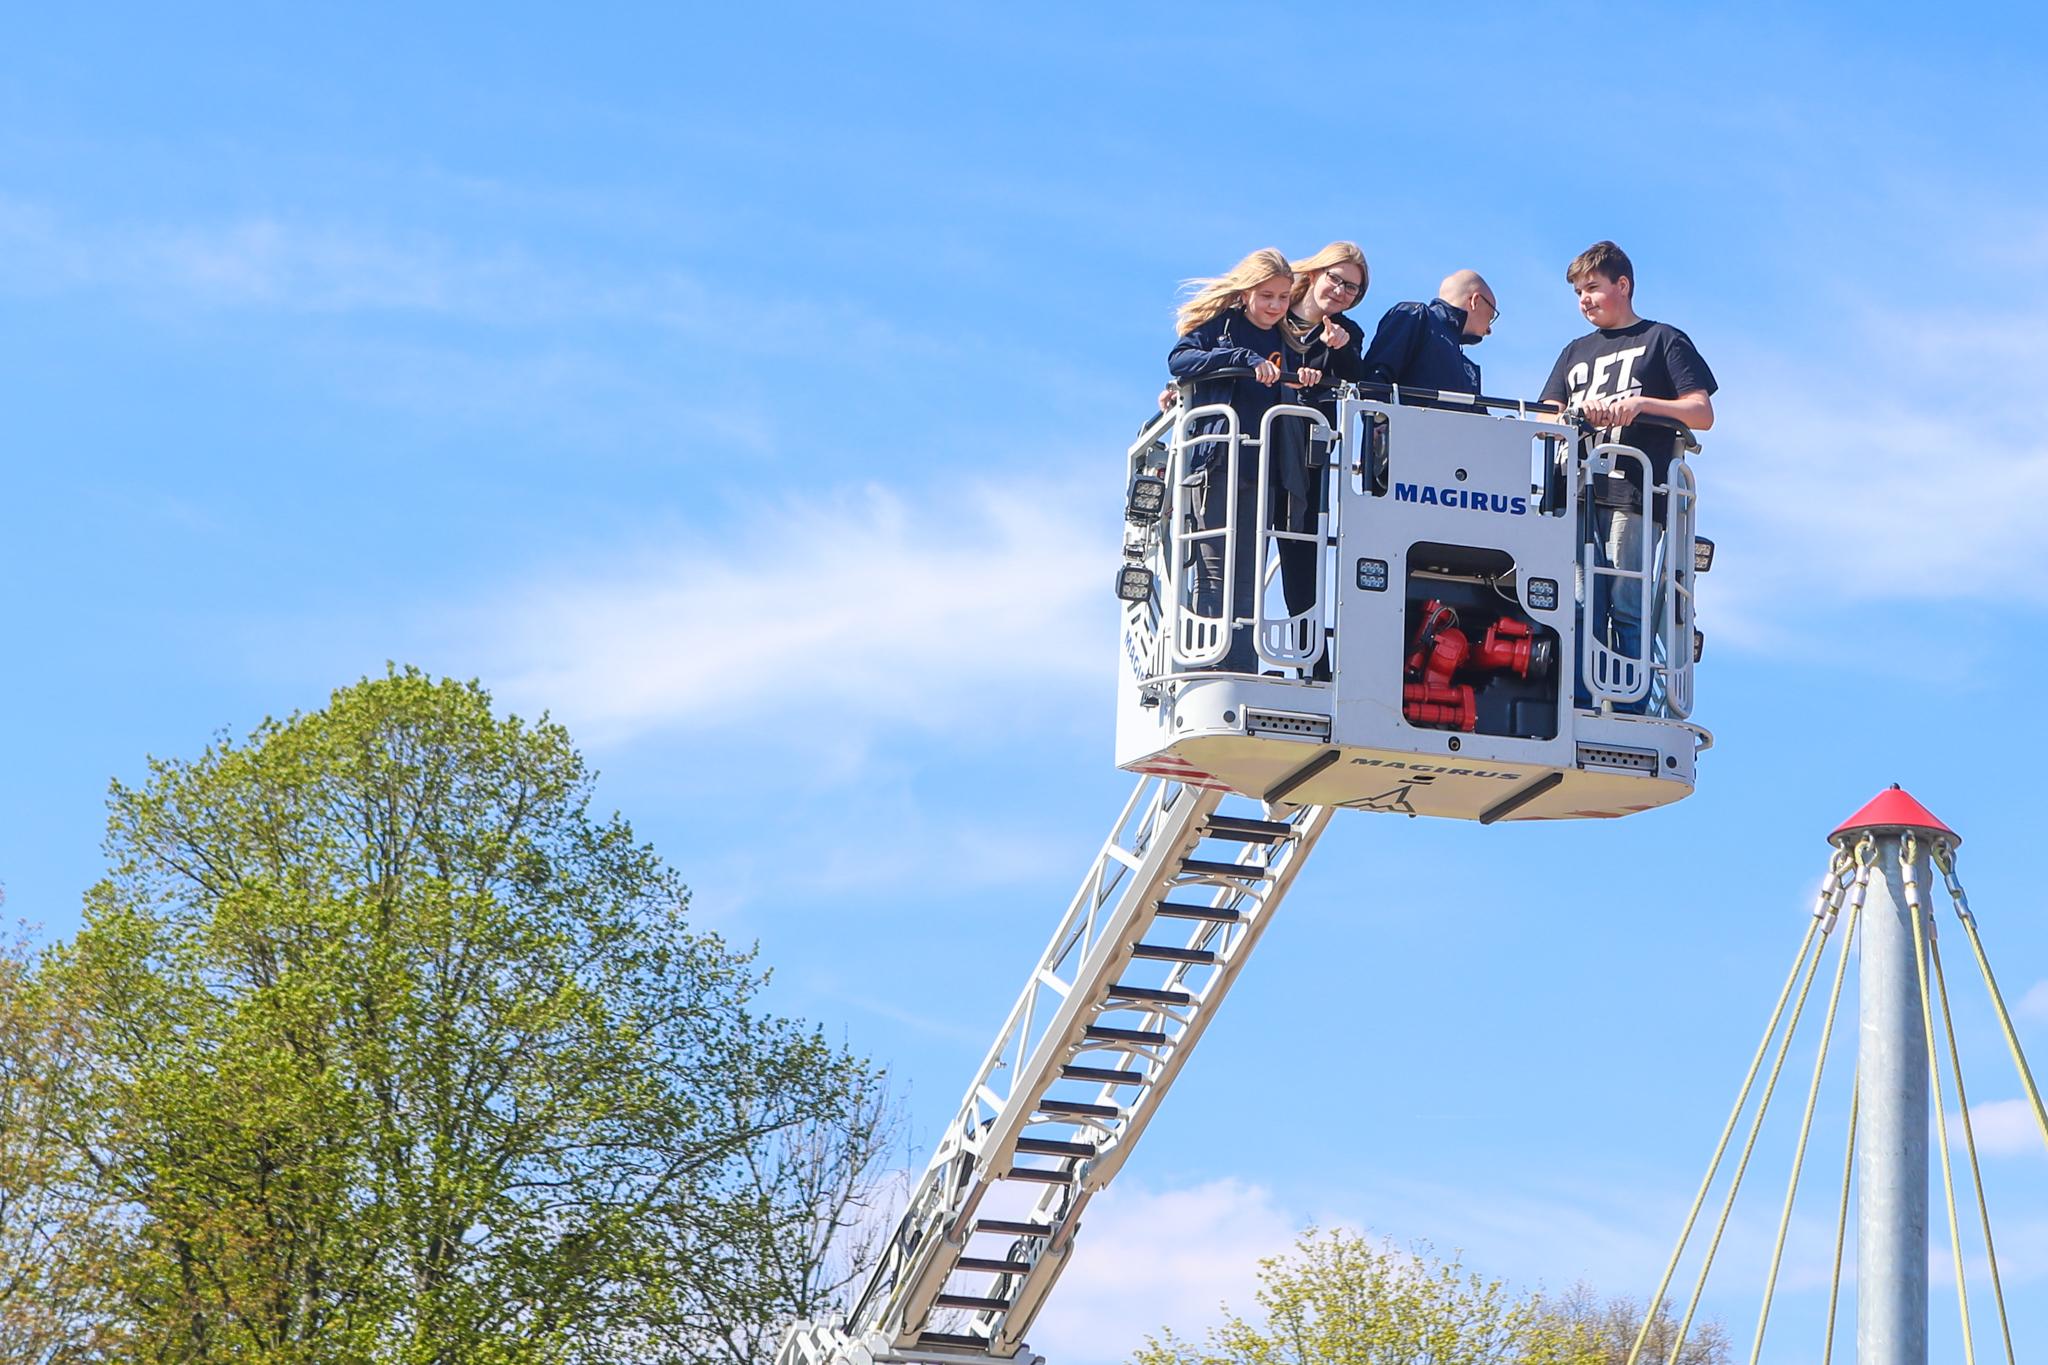 Feuerwehrnachwuchs gestaltet Zukunft in Jugendforum